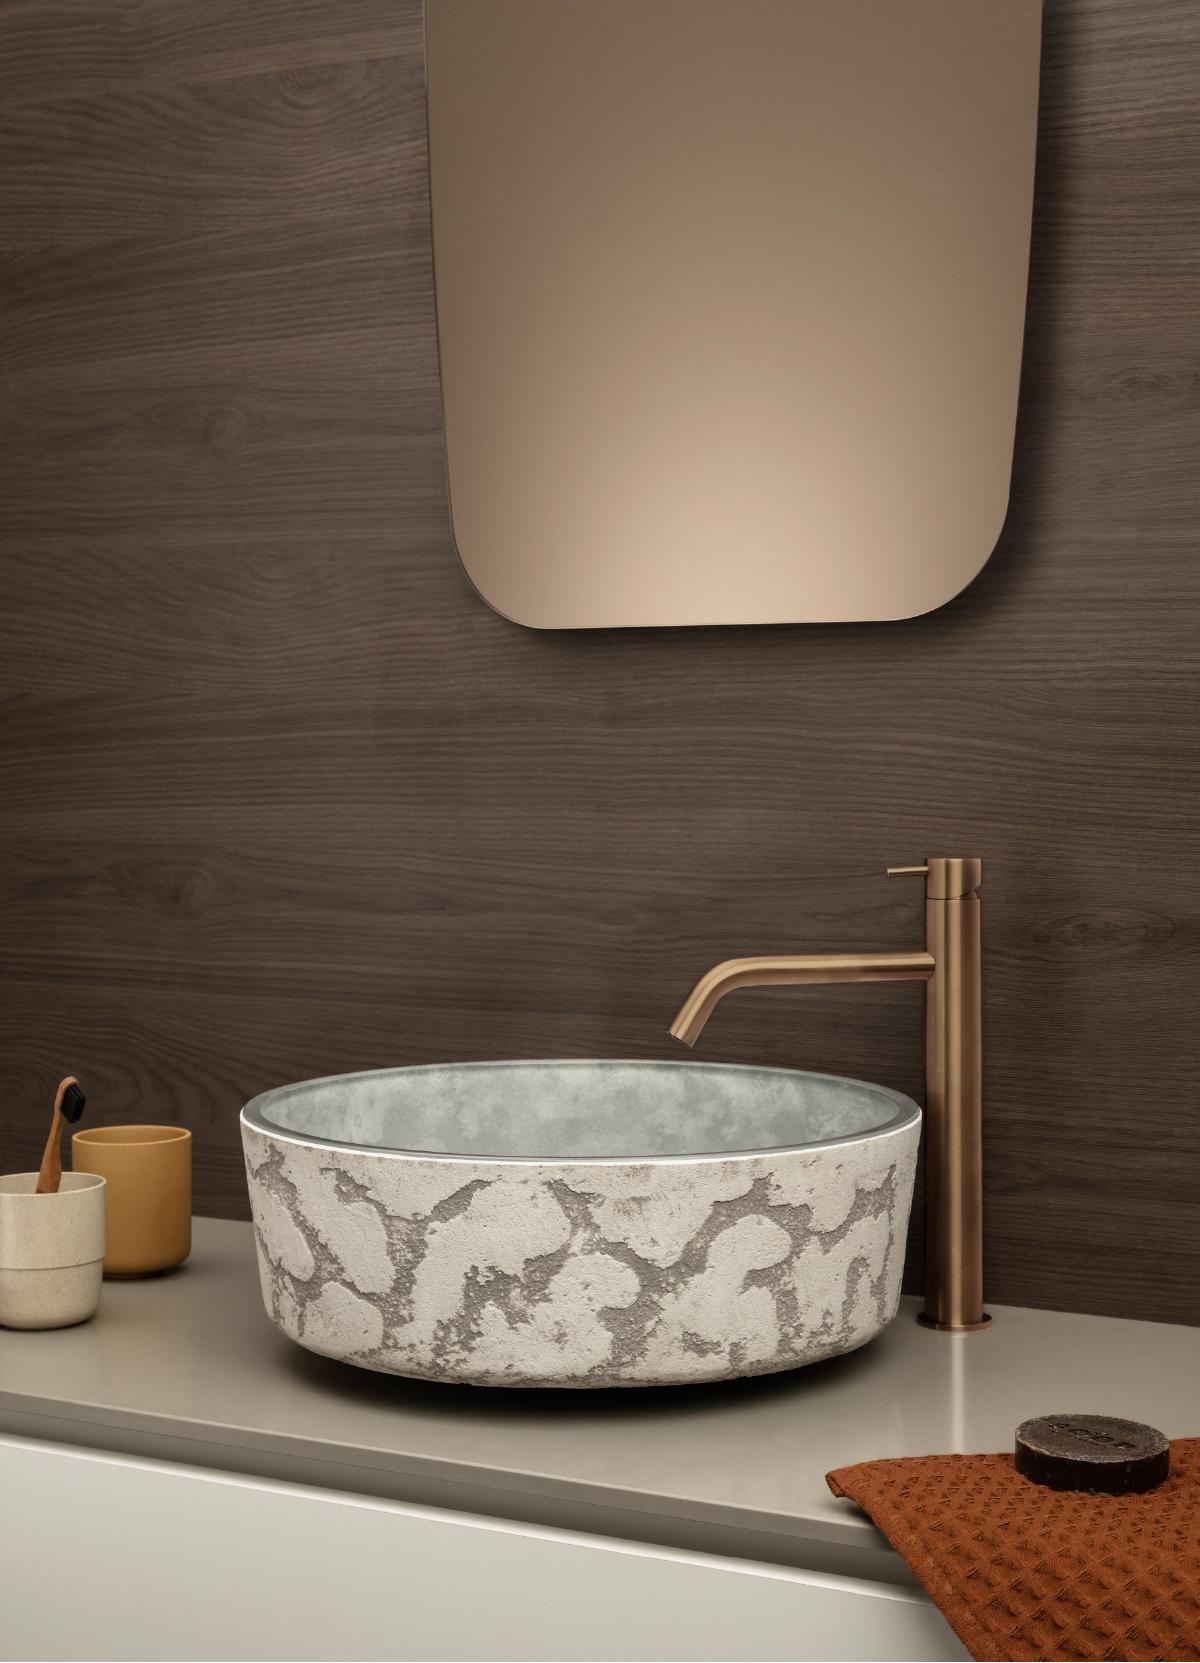 Mijn-bad-in-stijl-badkamer-verbouwen-tips-goude-kraan